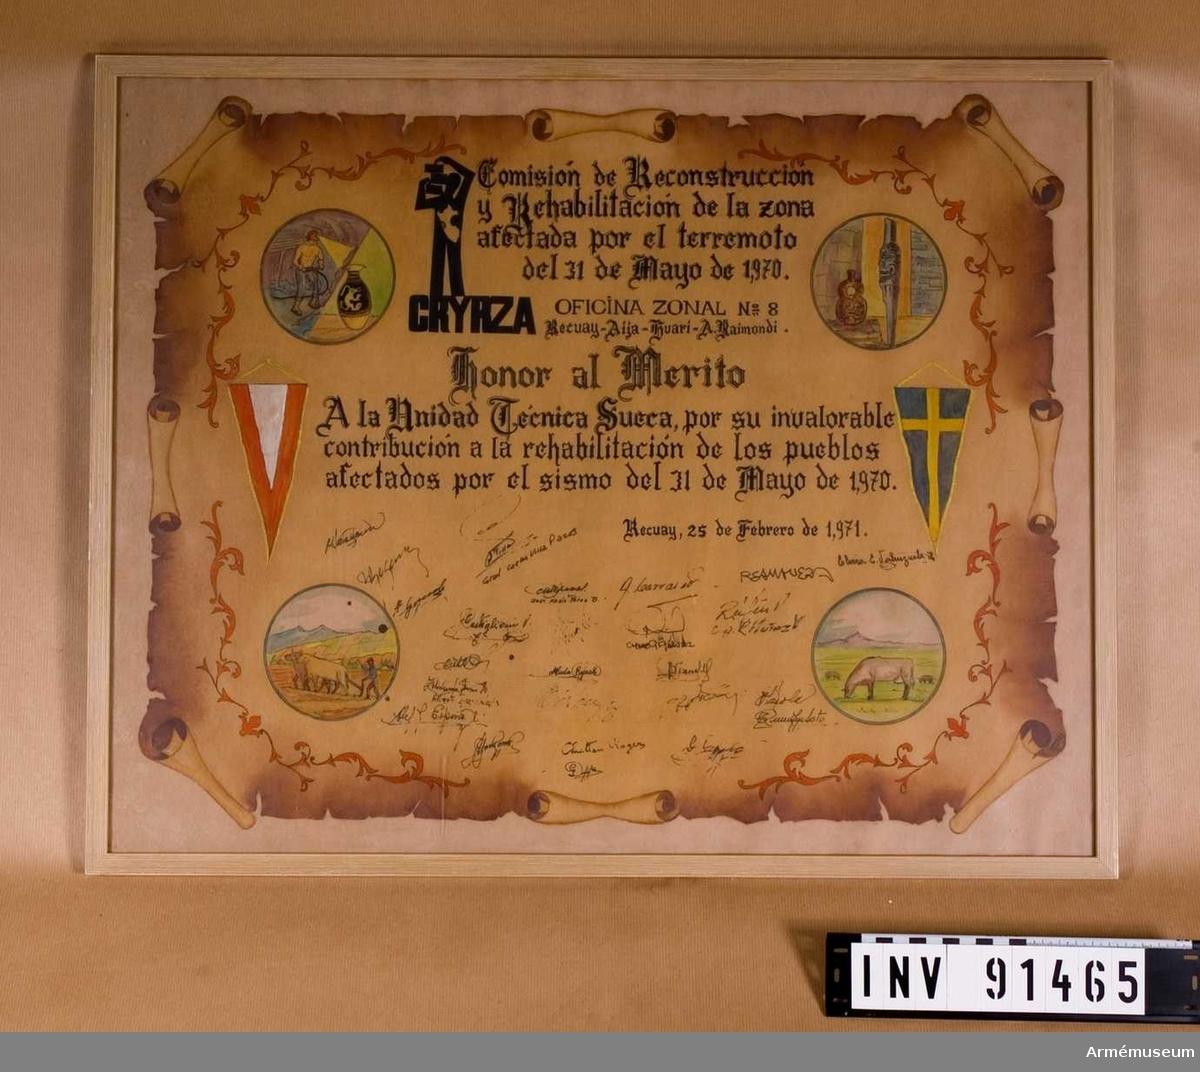 Diplom skrivet på spanska för insats 31 maj 1970.